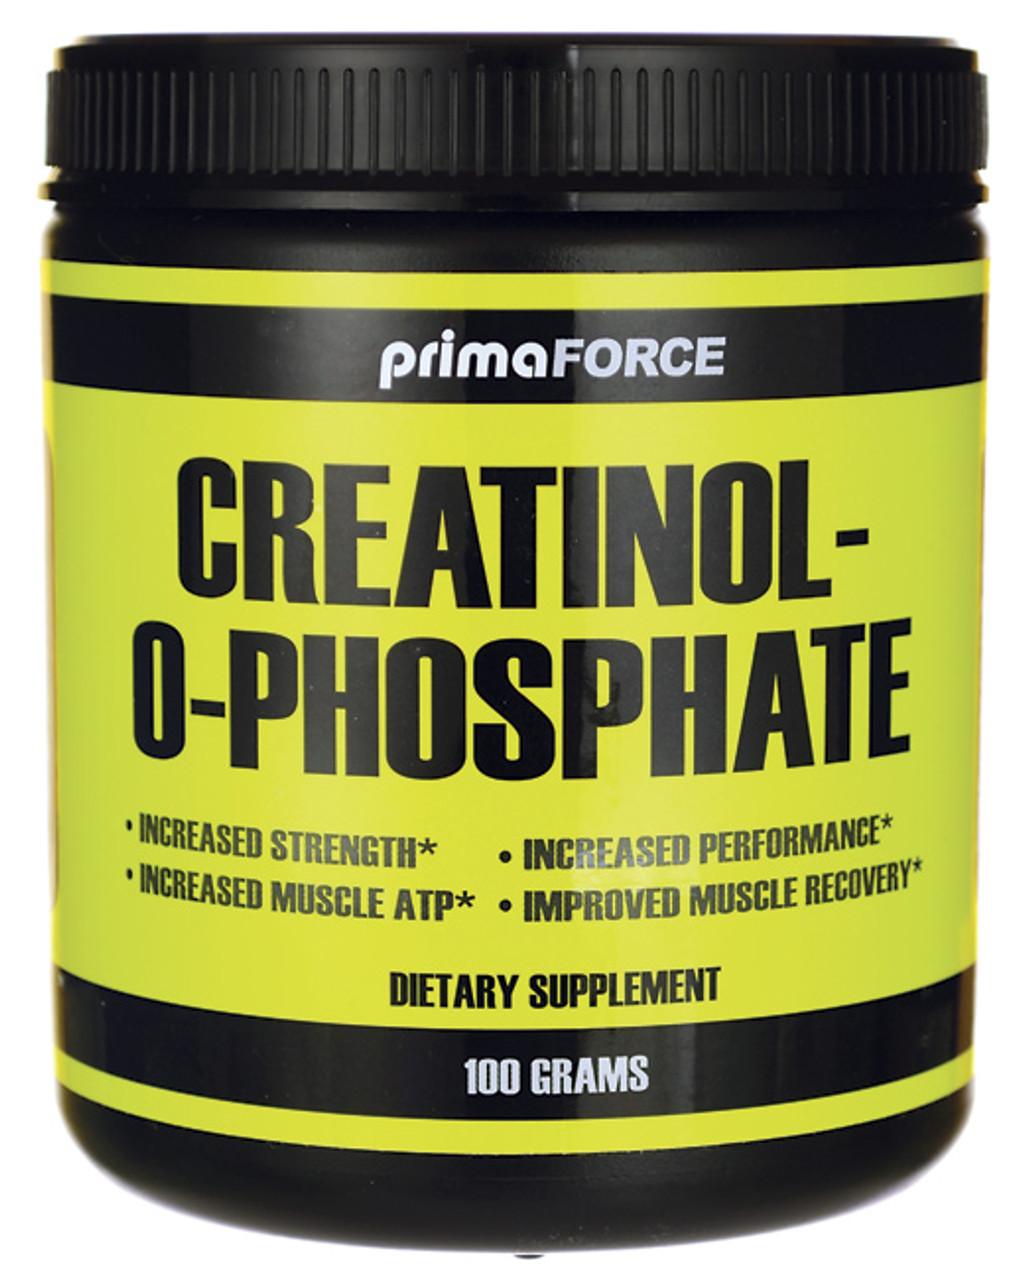 Creatinol-O-Phosphate by PrimaFORCE 100g